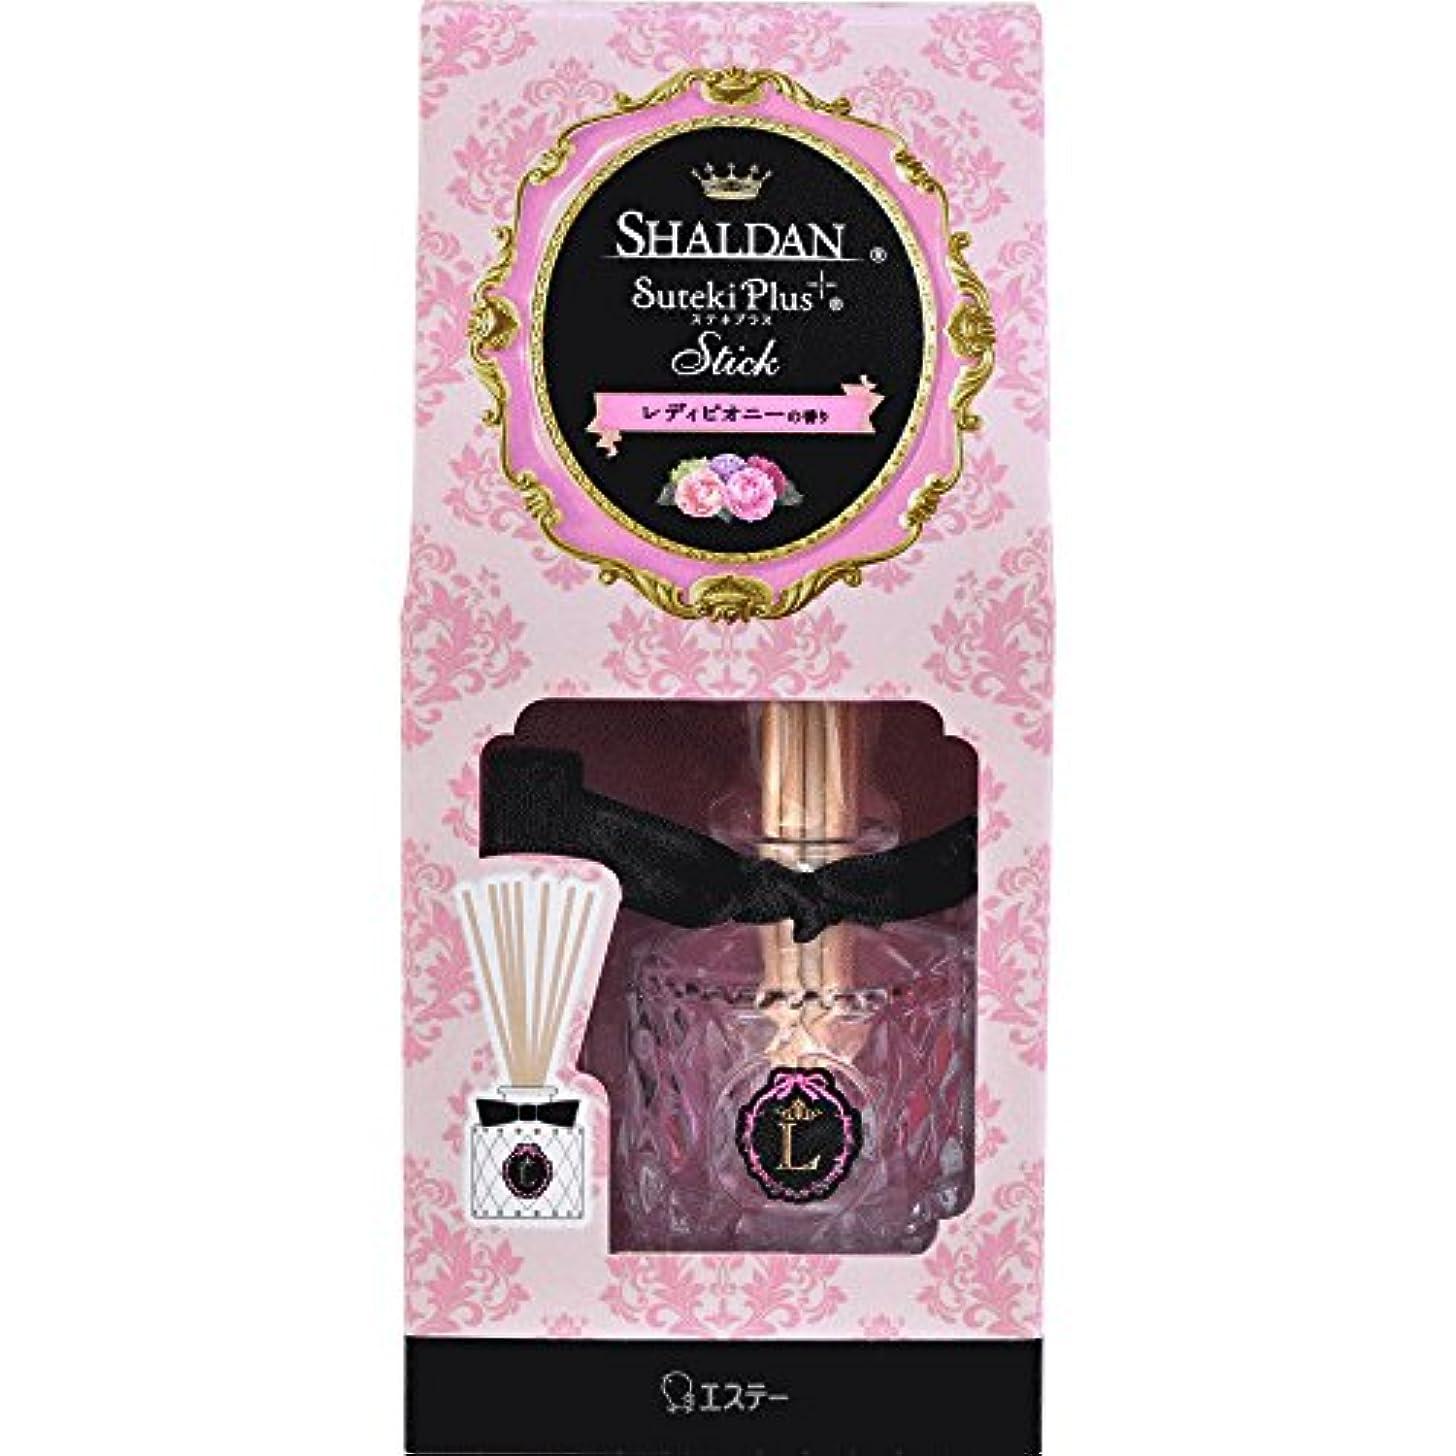 このヶ月目モートシャルダン SHALDAN ステキプラス スティック 消臭芳香剤 部屋用 本体 レディピオニーの香り 45ml